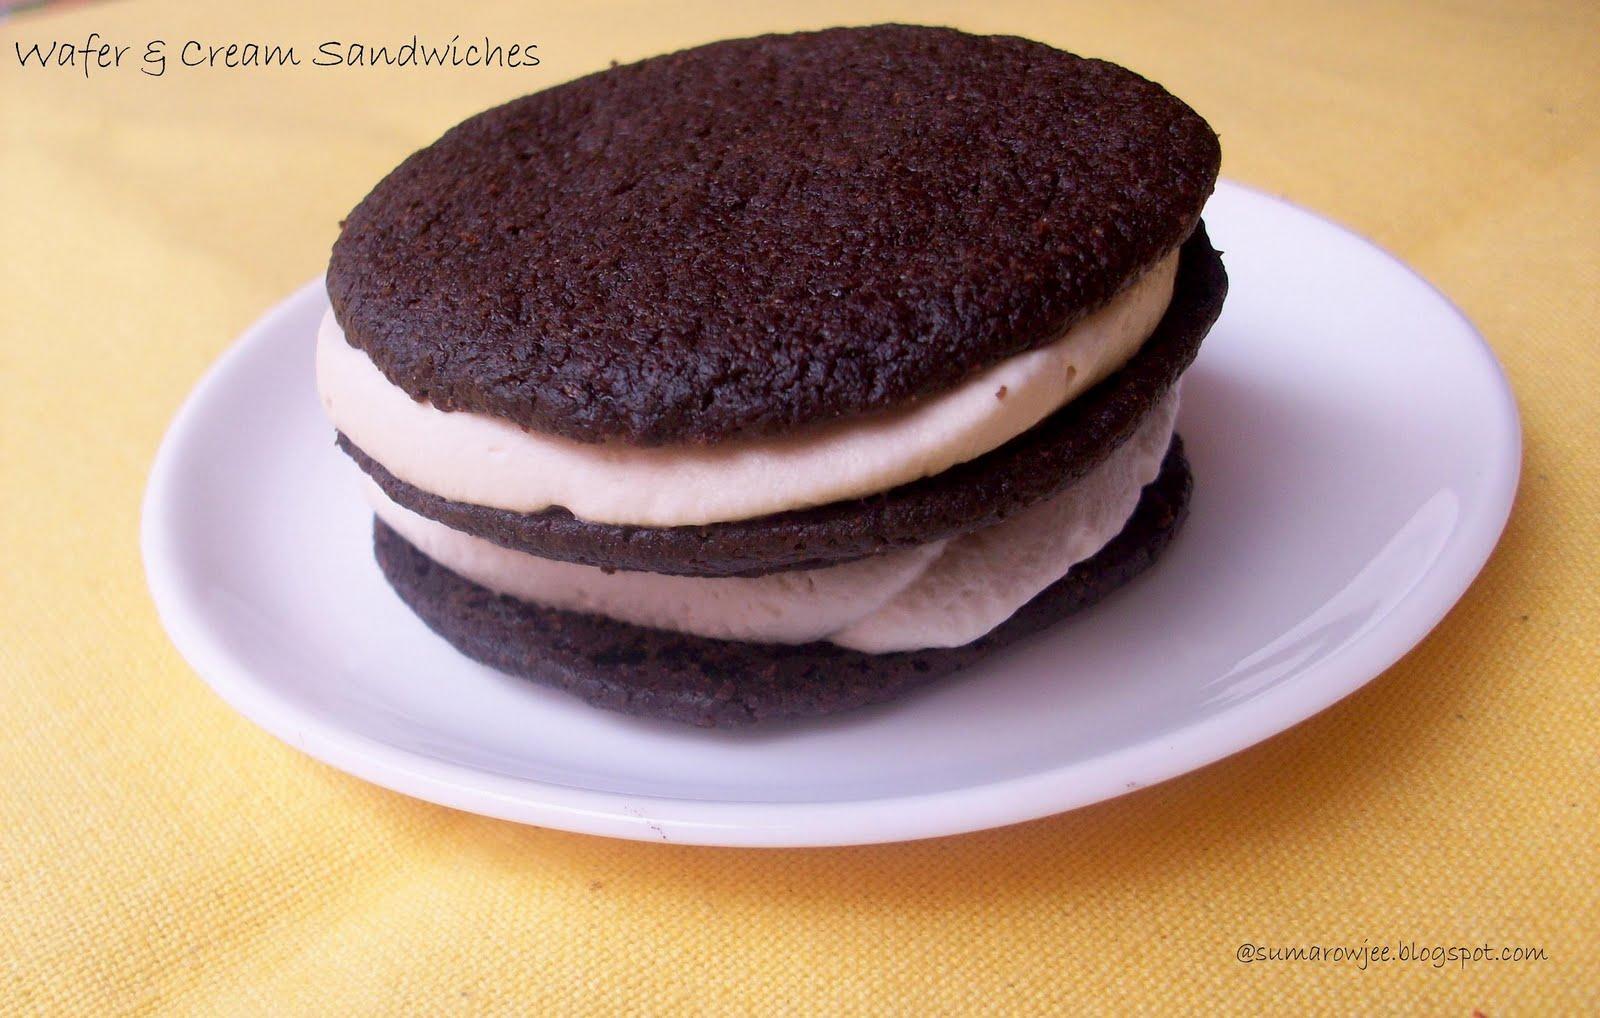 Smitten Kitchen Choc Chip Oatmeal Cookie Recipe